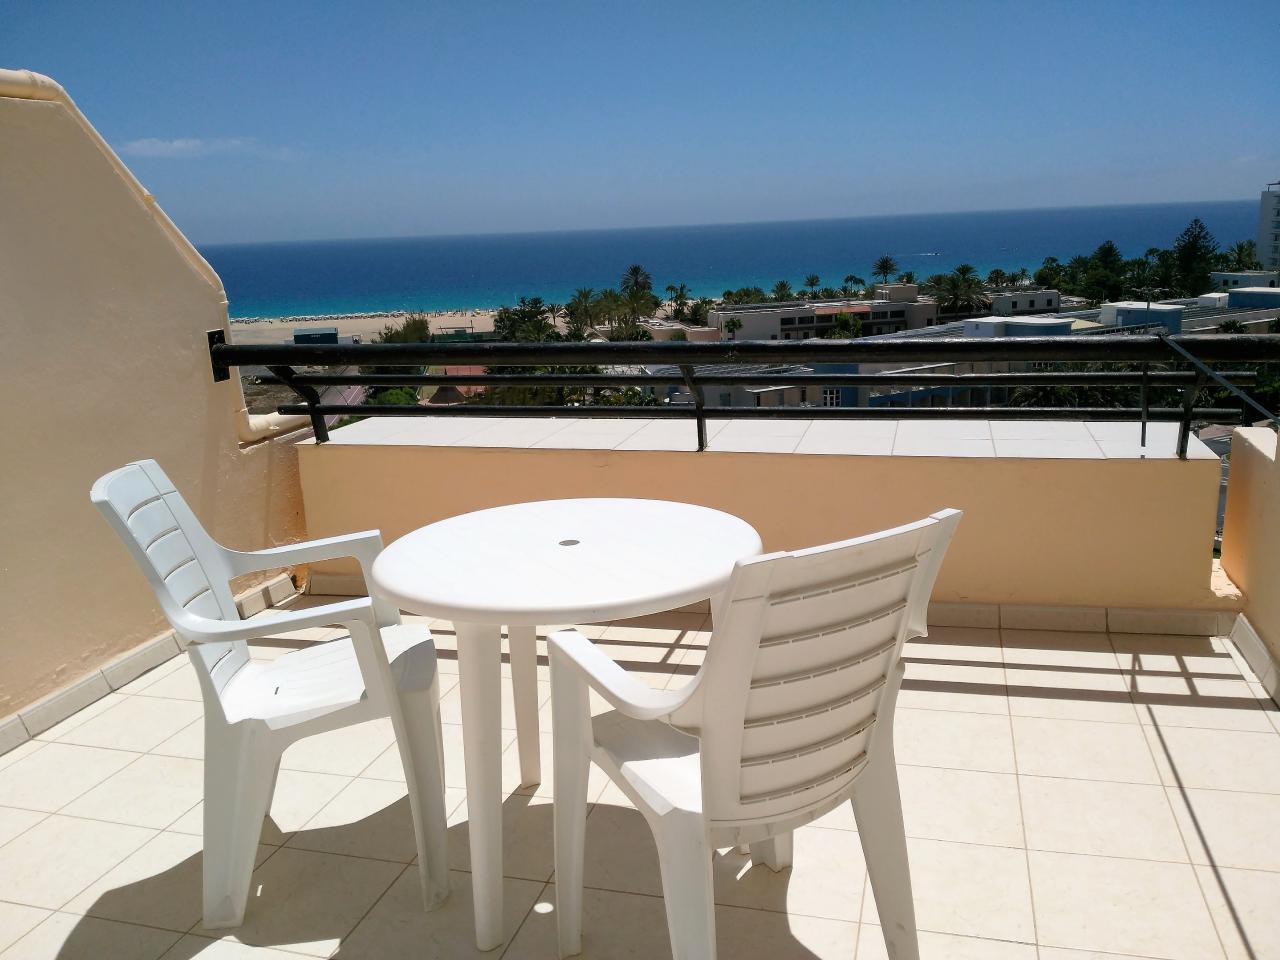 Ferienwohnung Apartment 2 / 4er Direkt am Meer, mit Blick auf den Strand, Schwimmbäder, ausgestattet. WI (634890), Morro Jable, Fuerteventura, Kanarische Inseln, Spanien, Bild 2